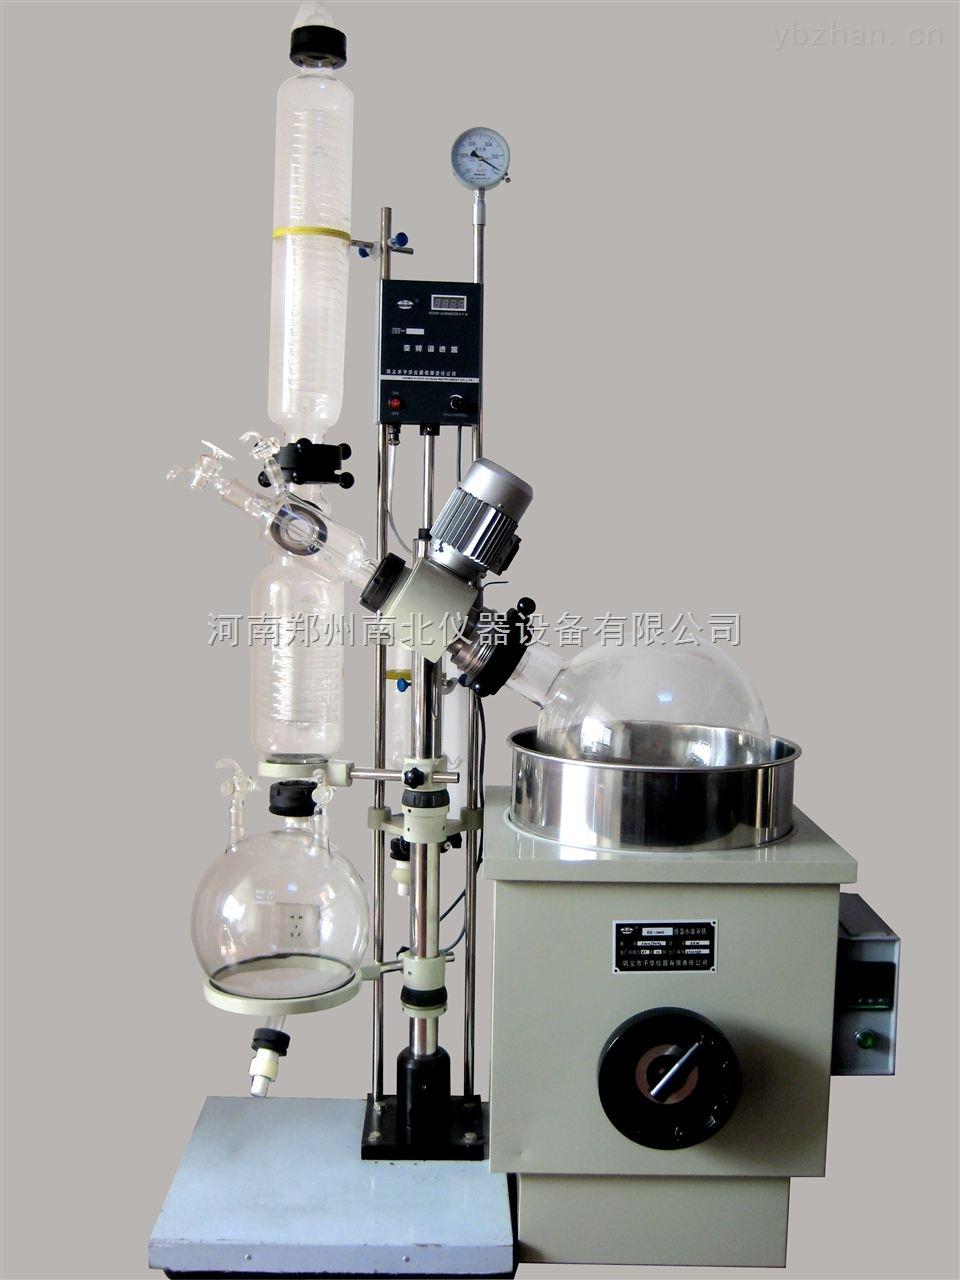 工业旋转蒸发仪,旋转蒸发仪技术参数